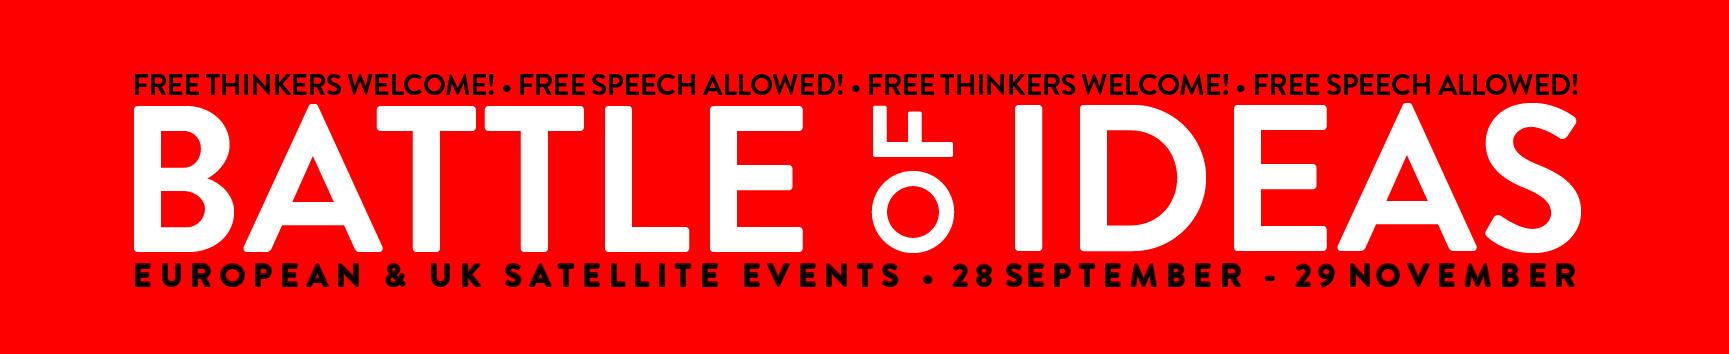 BOI_2017 - Euro-UK - Free thinkers5